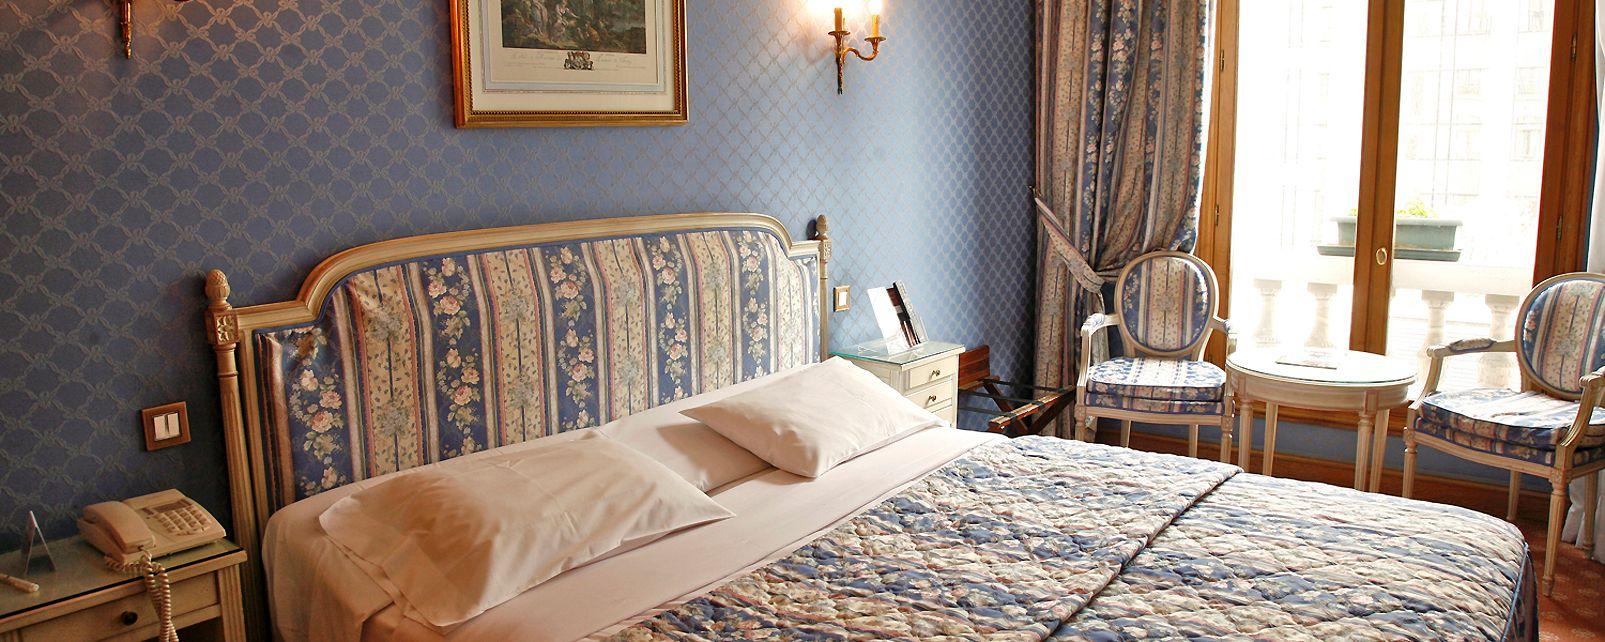 Hotel Amarante Champs Elysées